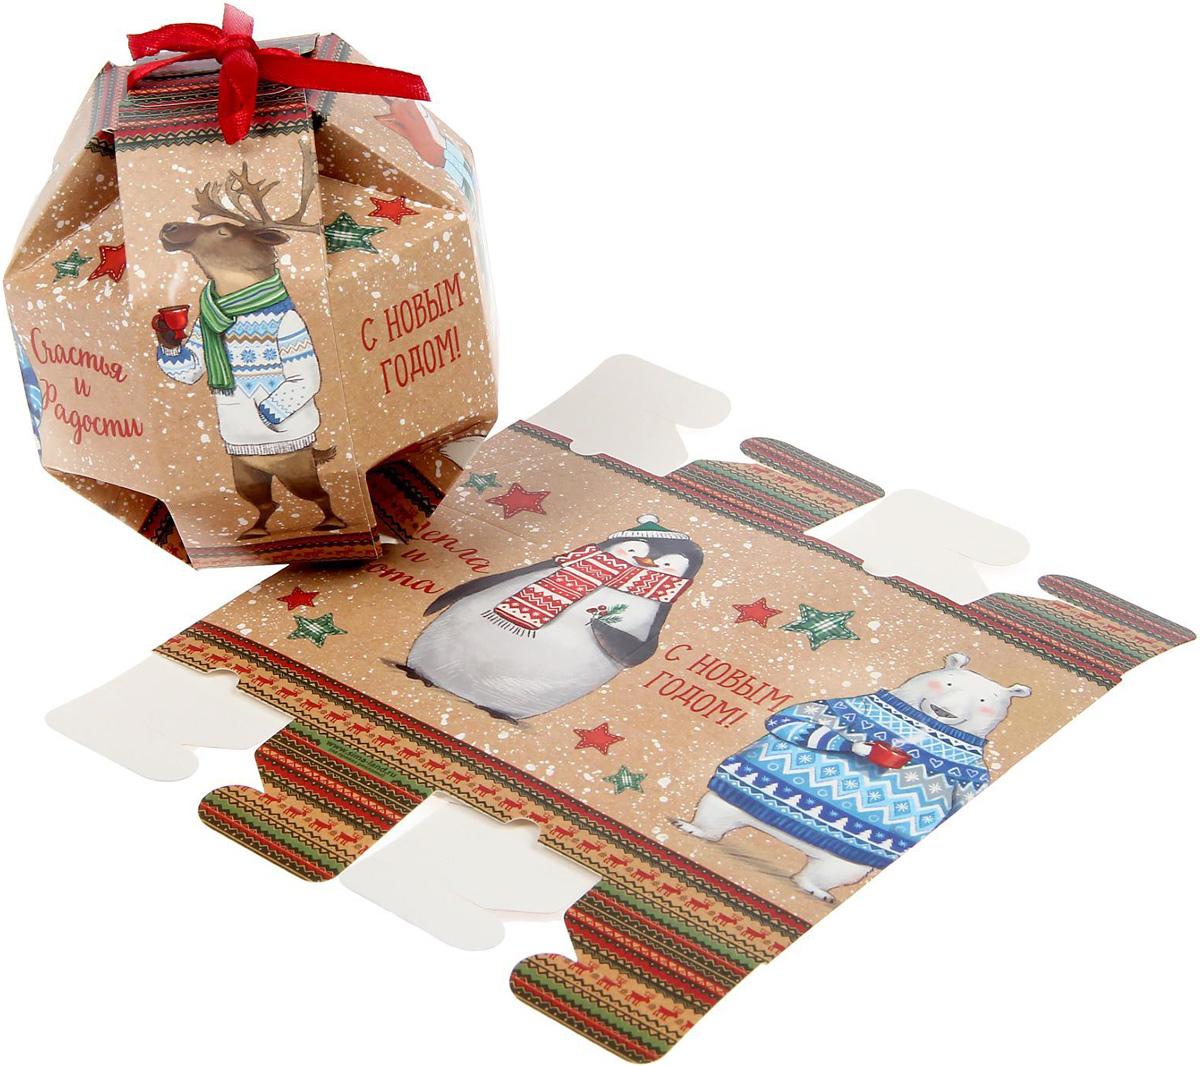 Коробка сборная фигурная Sima-land Снежные истории, 10 х 10 х 10 см1371666Любой подарок начинается с упаковки. Что может быть трогательнее и волшебнее, чем ритуал разворачивания полученного презента. И именно оригинальная, со вкусом выбранная упаковка выделит ваш подарок из массы других. Она продемонстрирует самые теплые чувства к виновнику торжества и создаст сказочную атмосферу праздника.